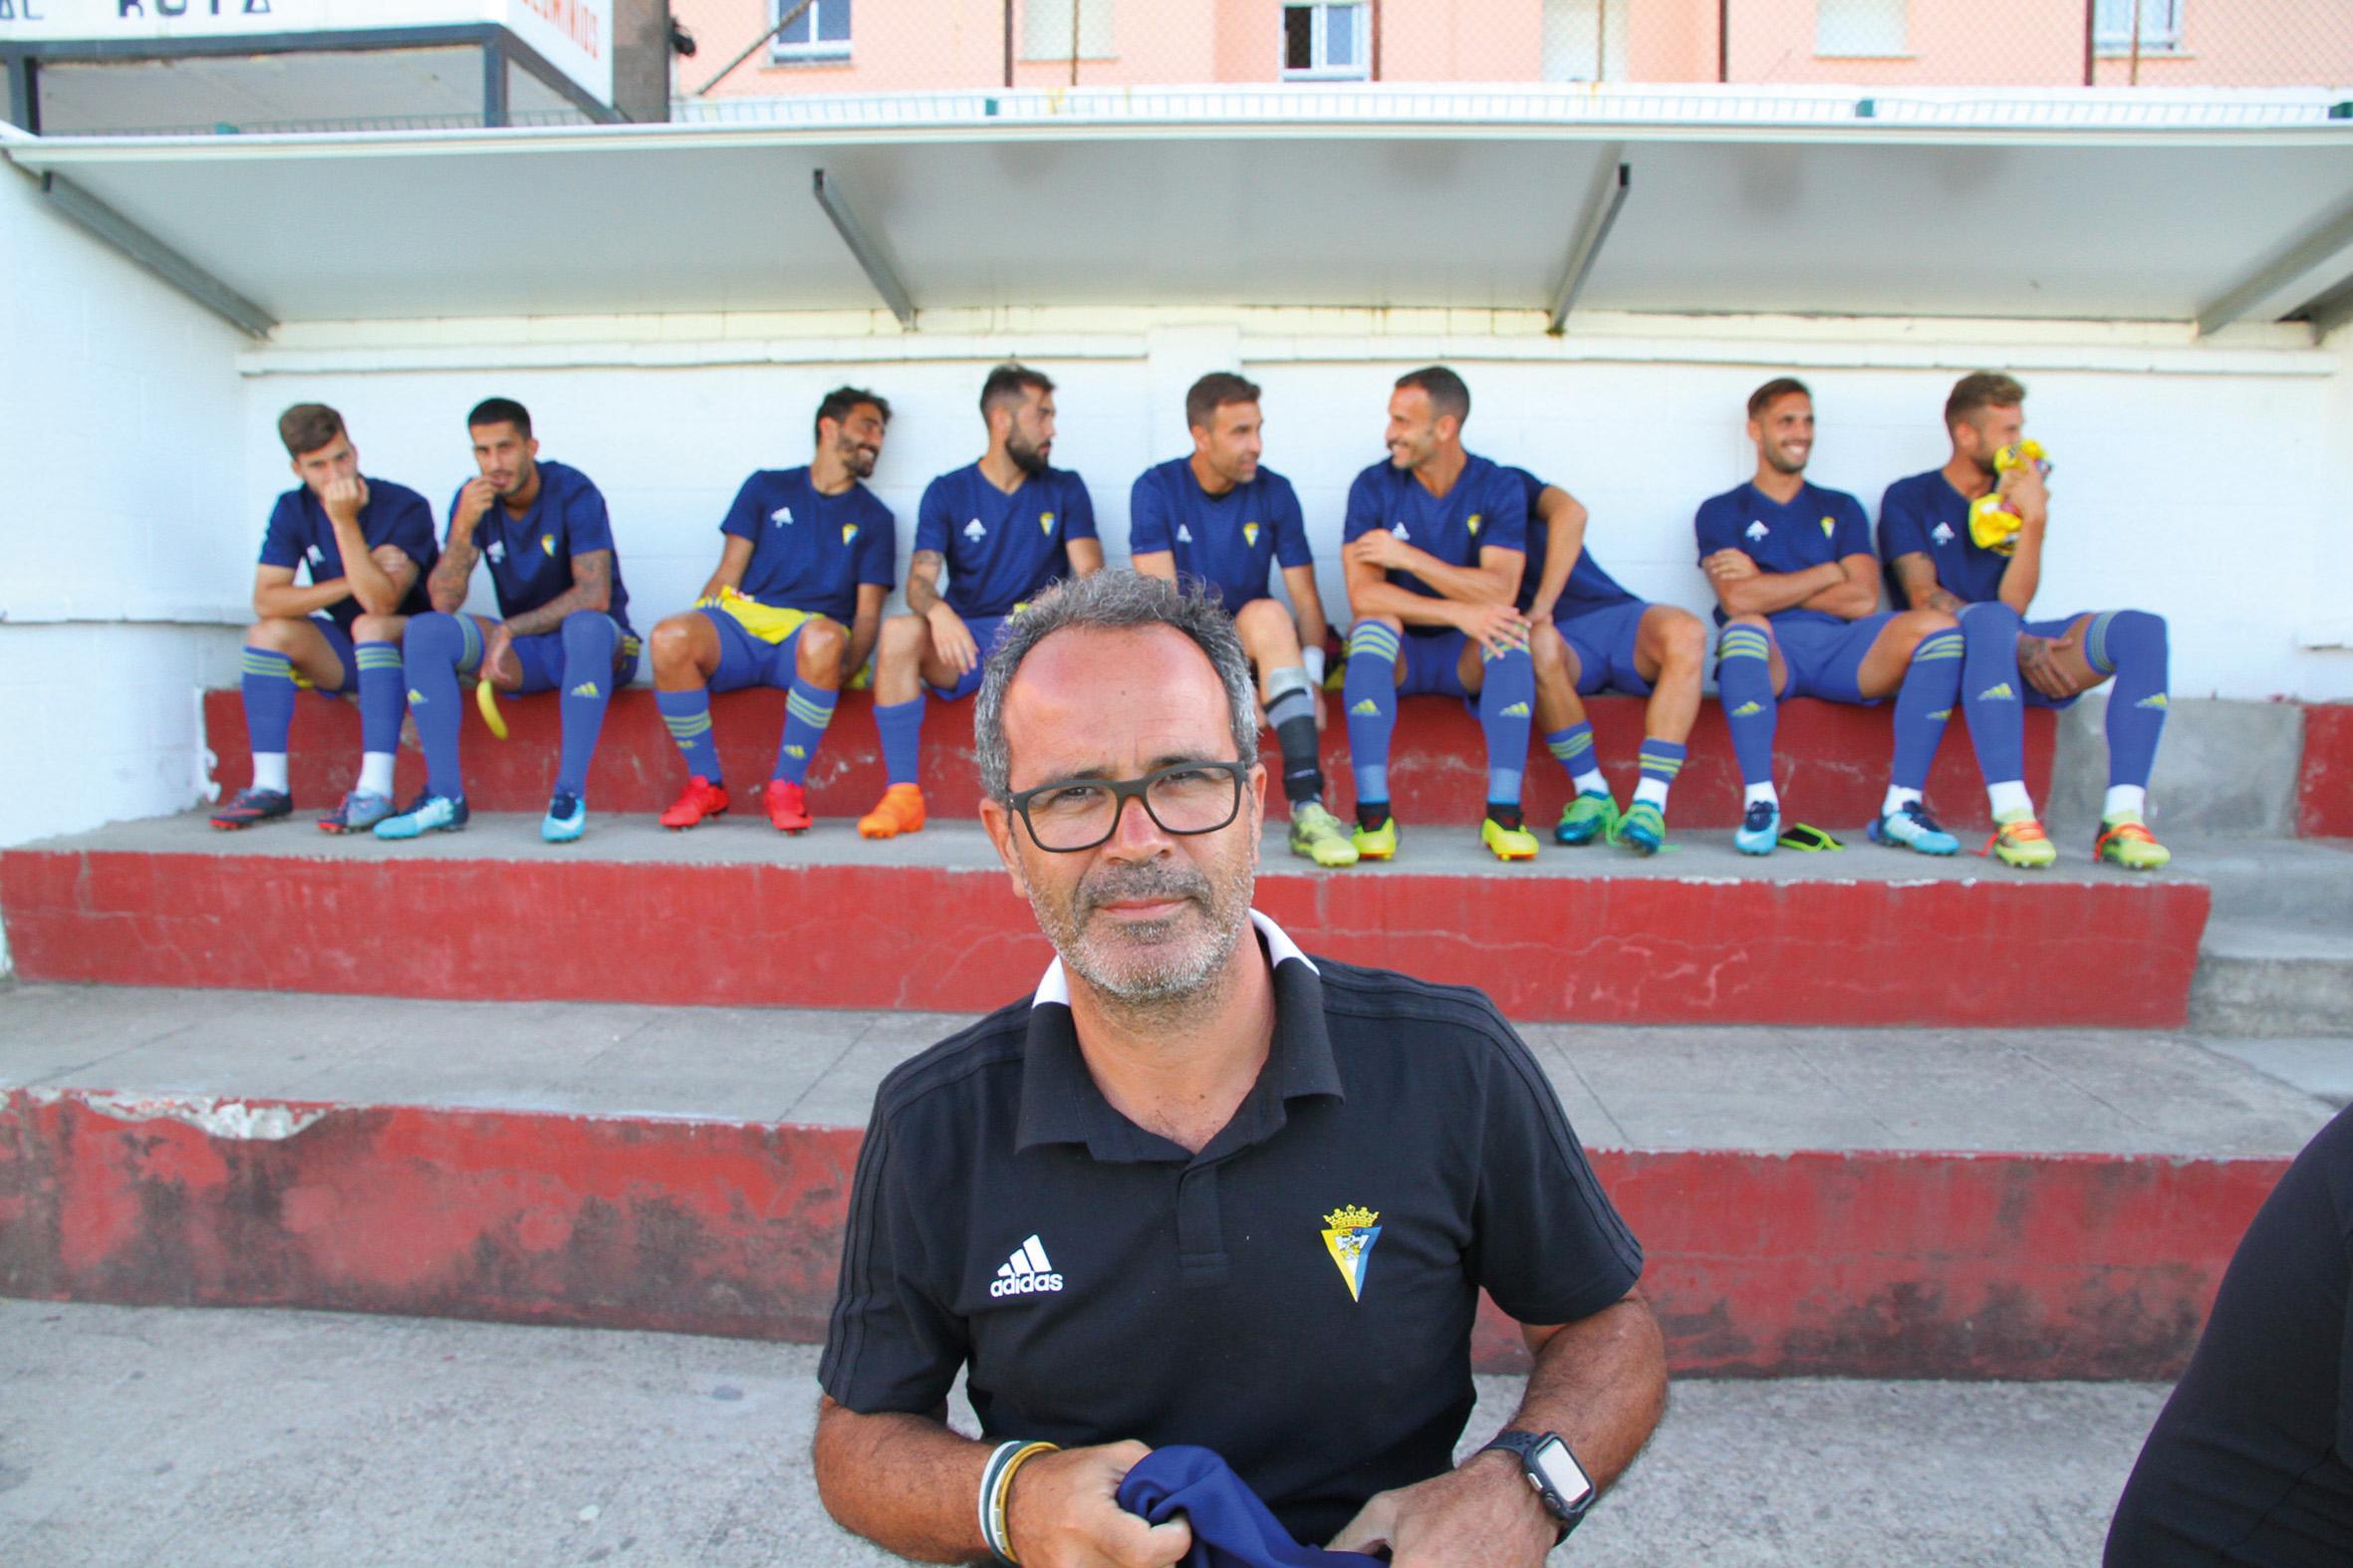 El Cádiz CF se presenta con muchas incógnitas y dudas en sus fichajes